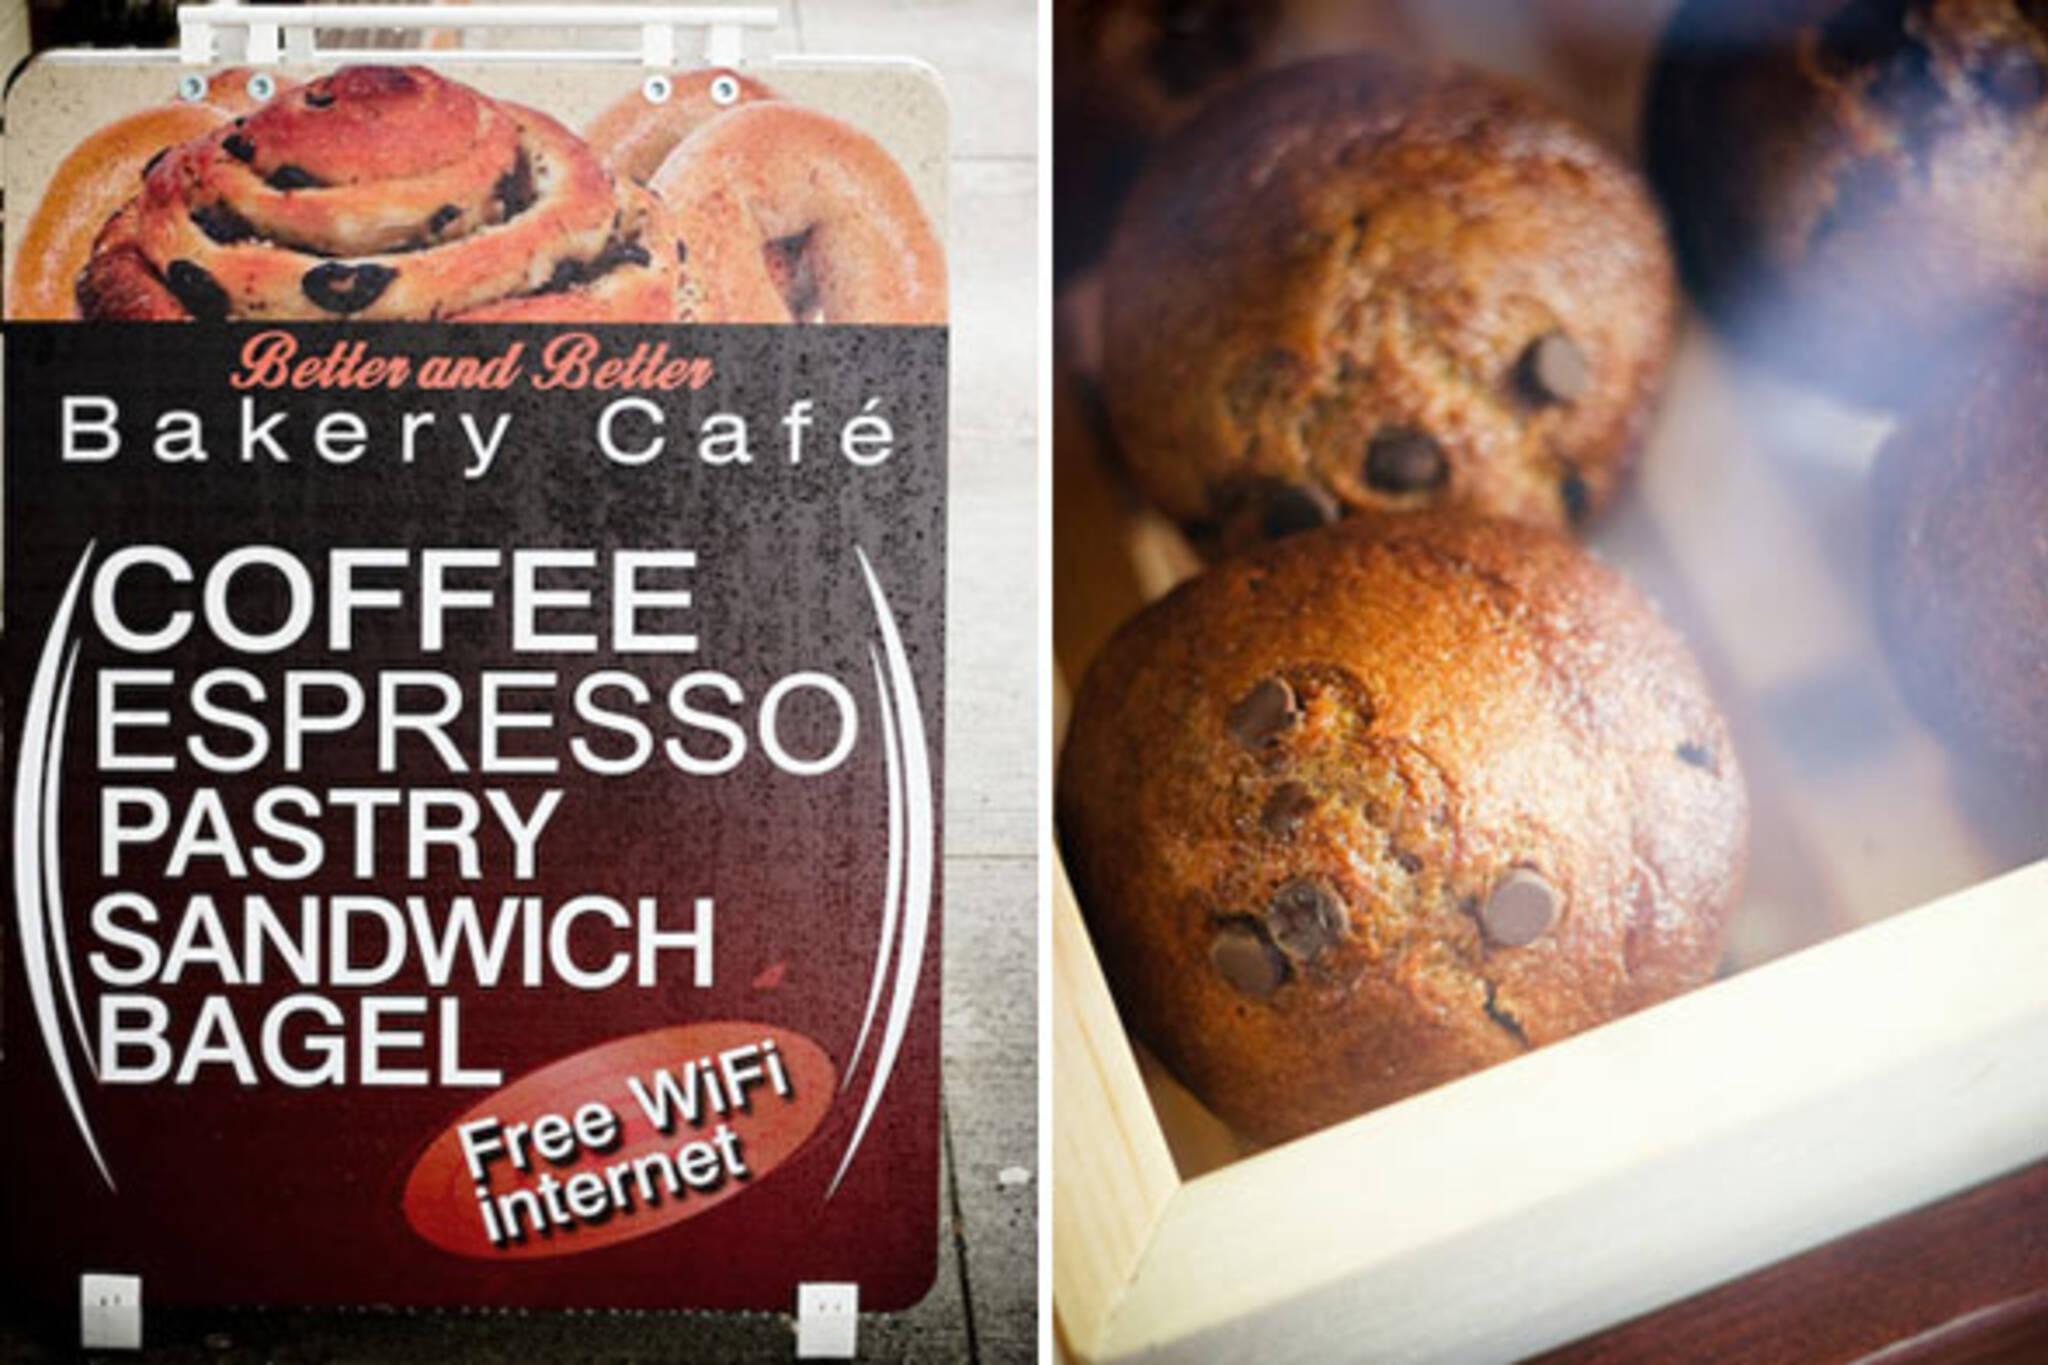 better and better bakery